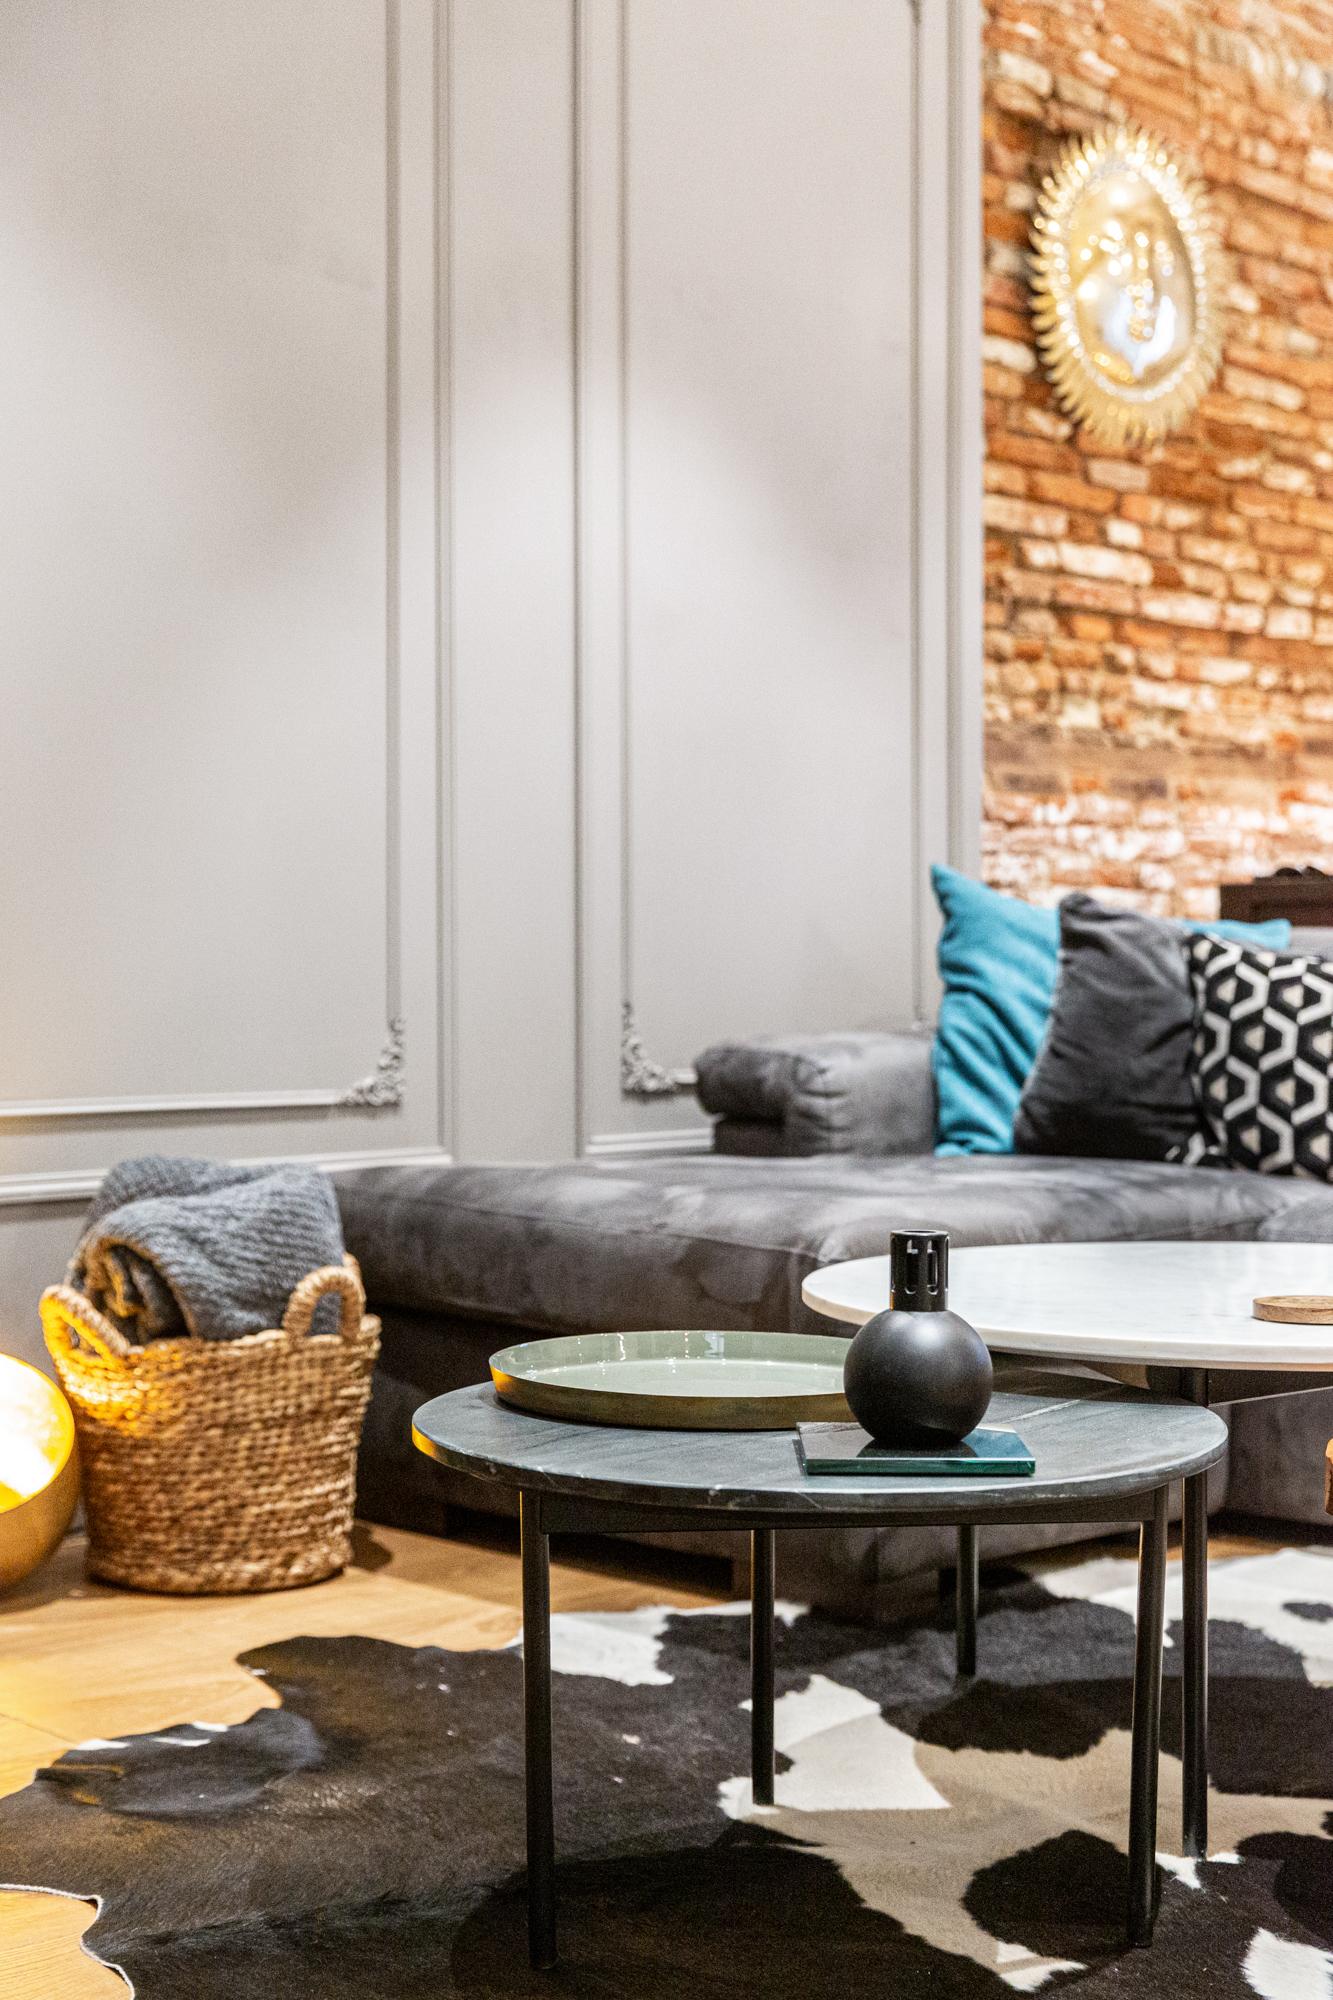 Salon avec une table basse et des éléments de décoration pour une photographie de design et décoration